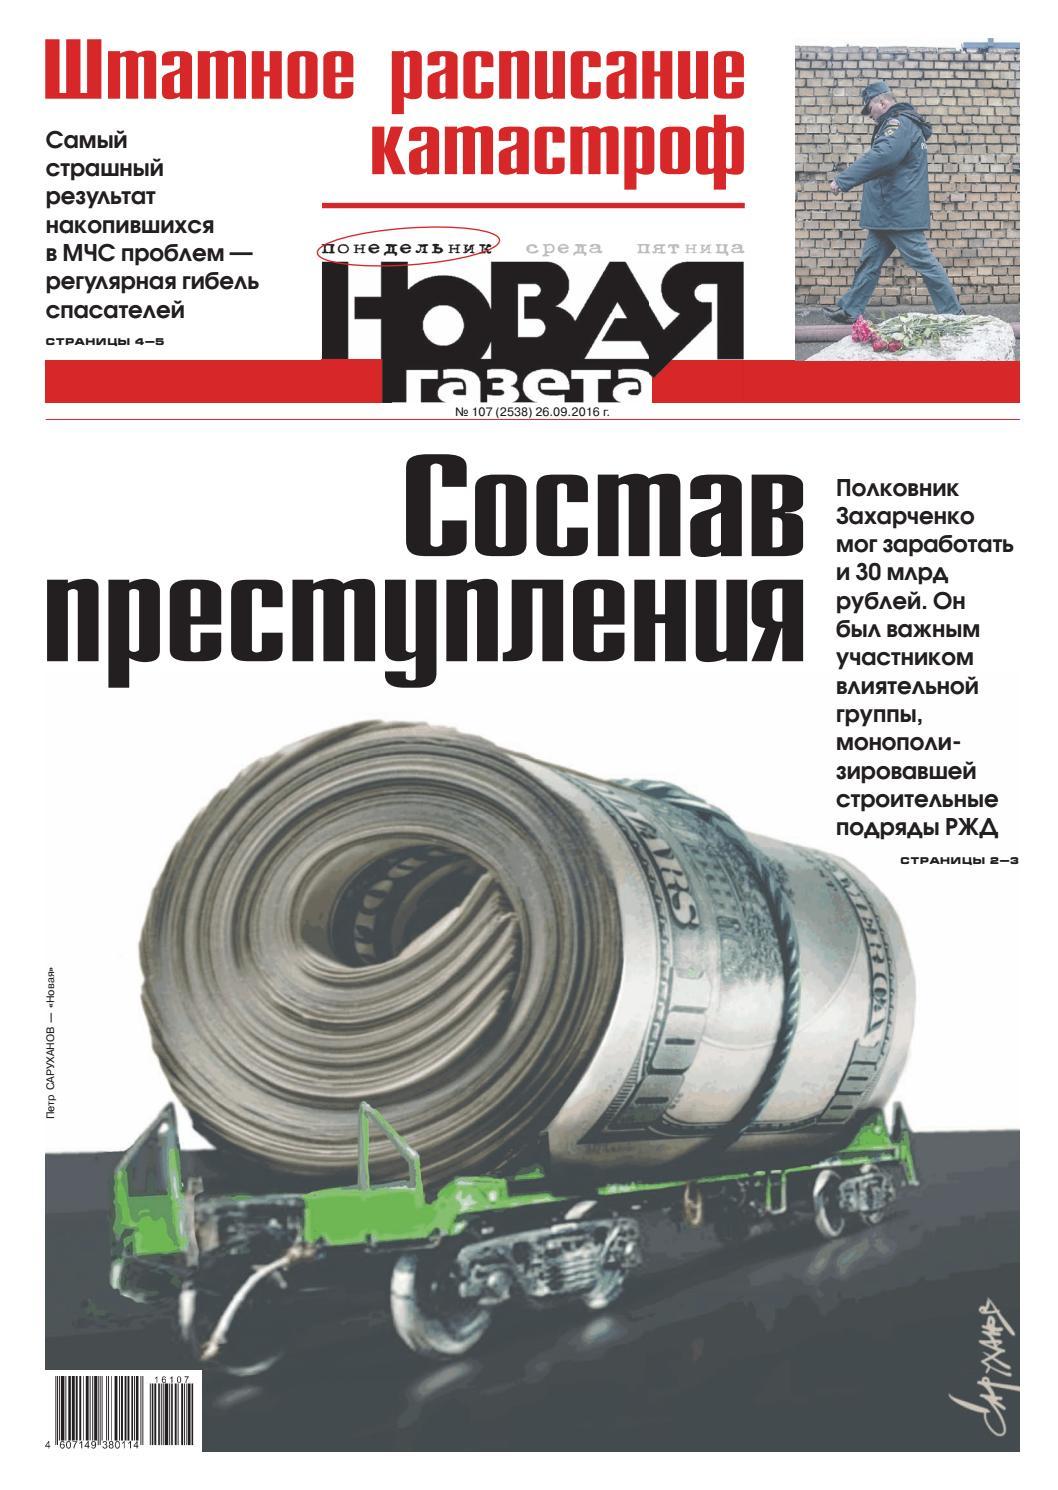 Пластиковые окна Домодедово: 5 способов защитить себя от обмана 67